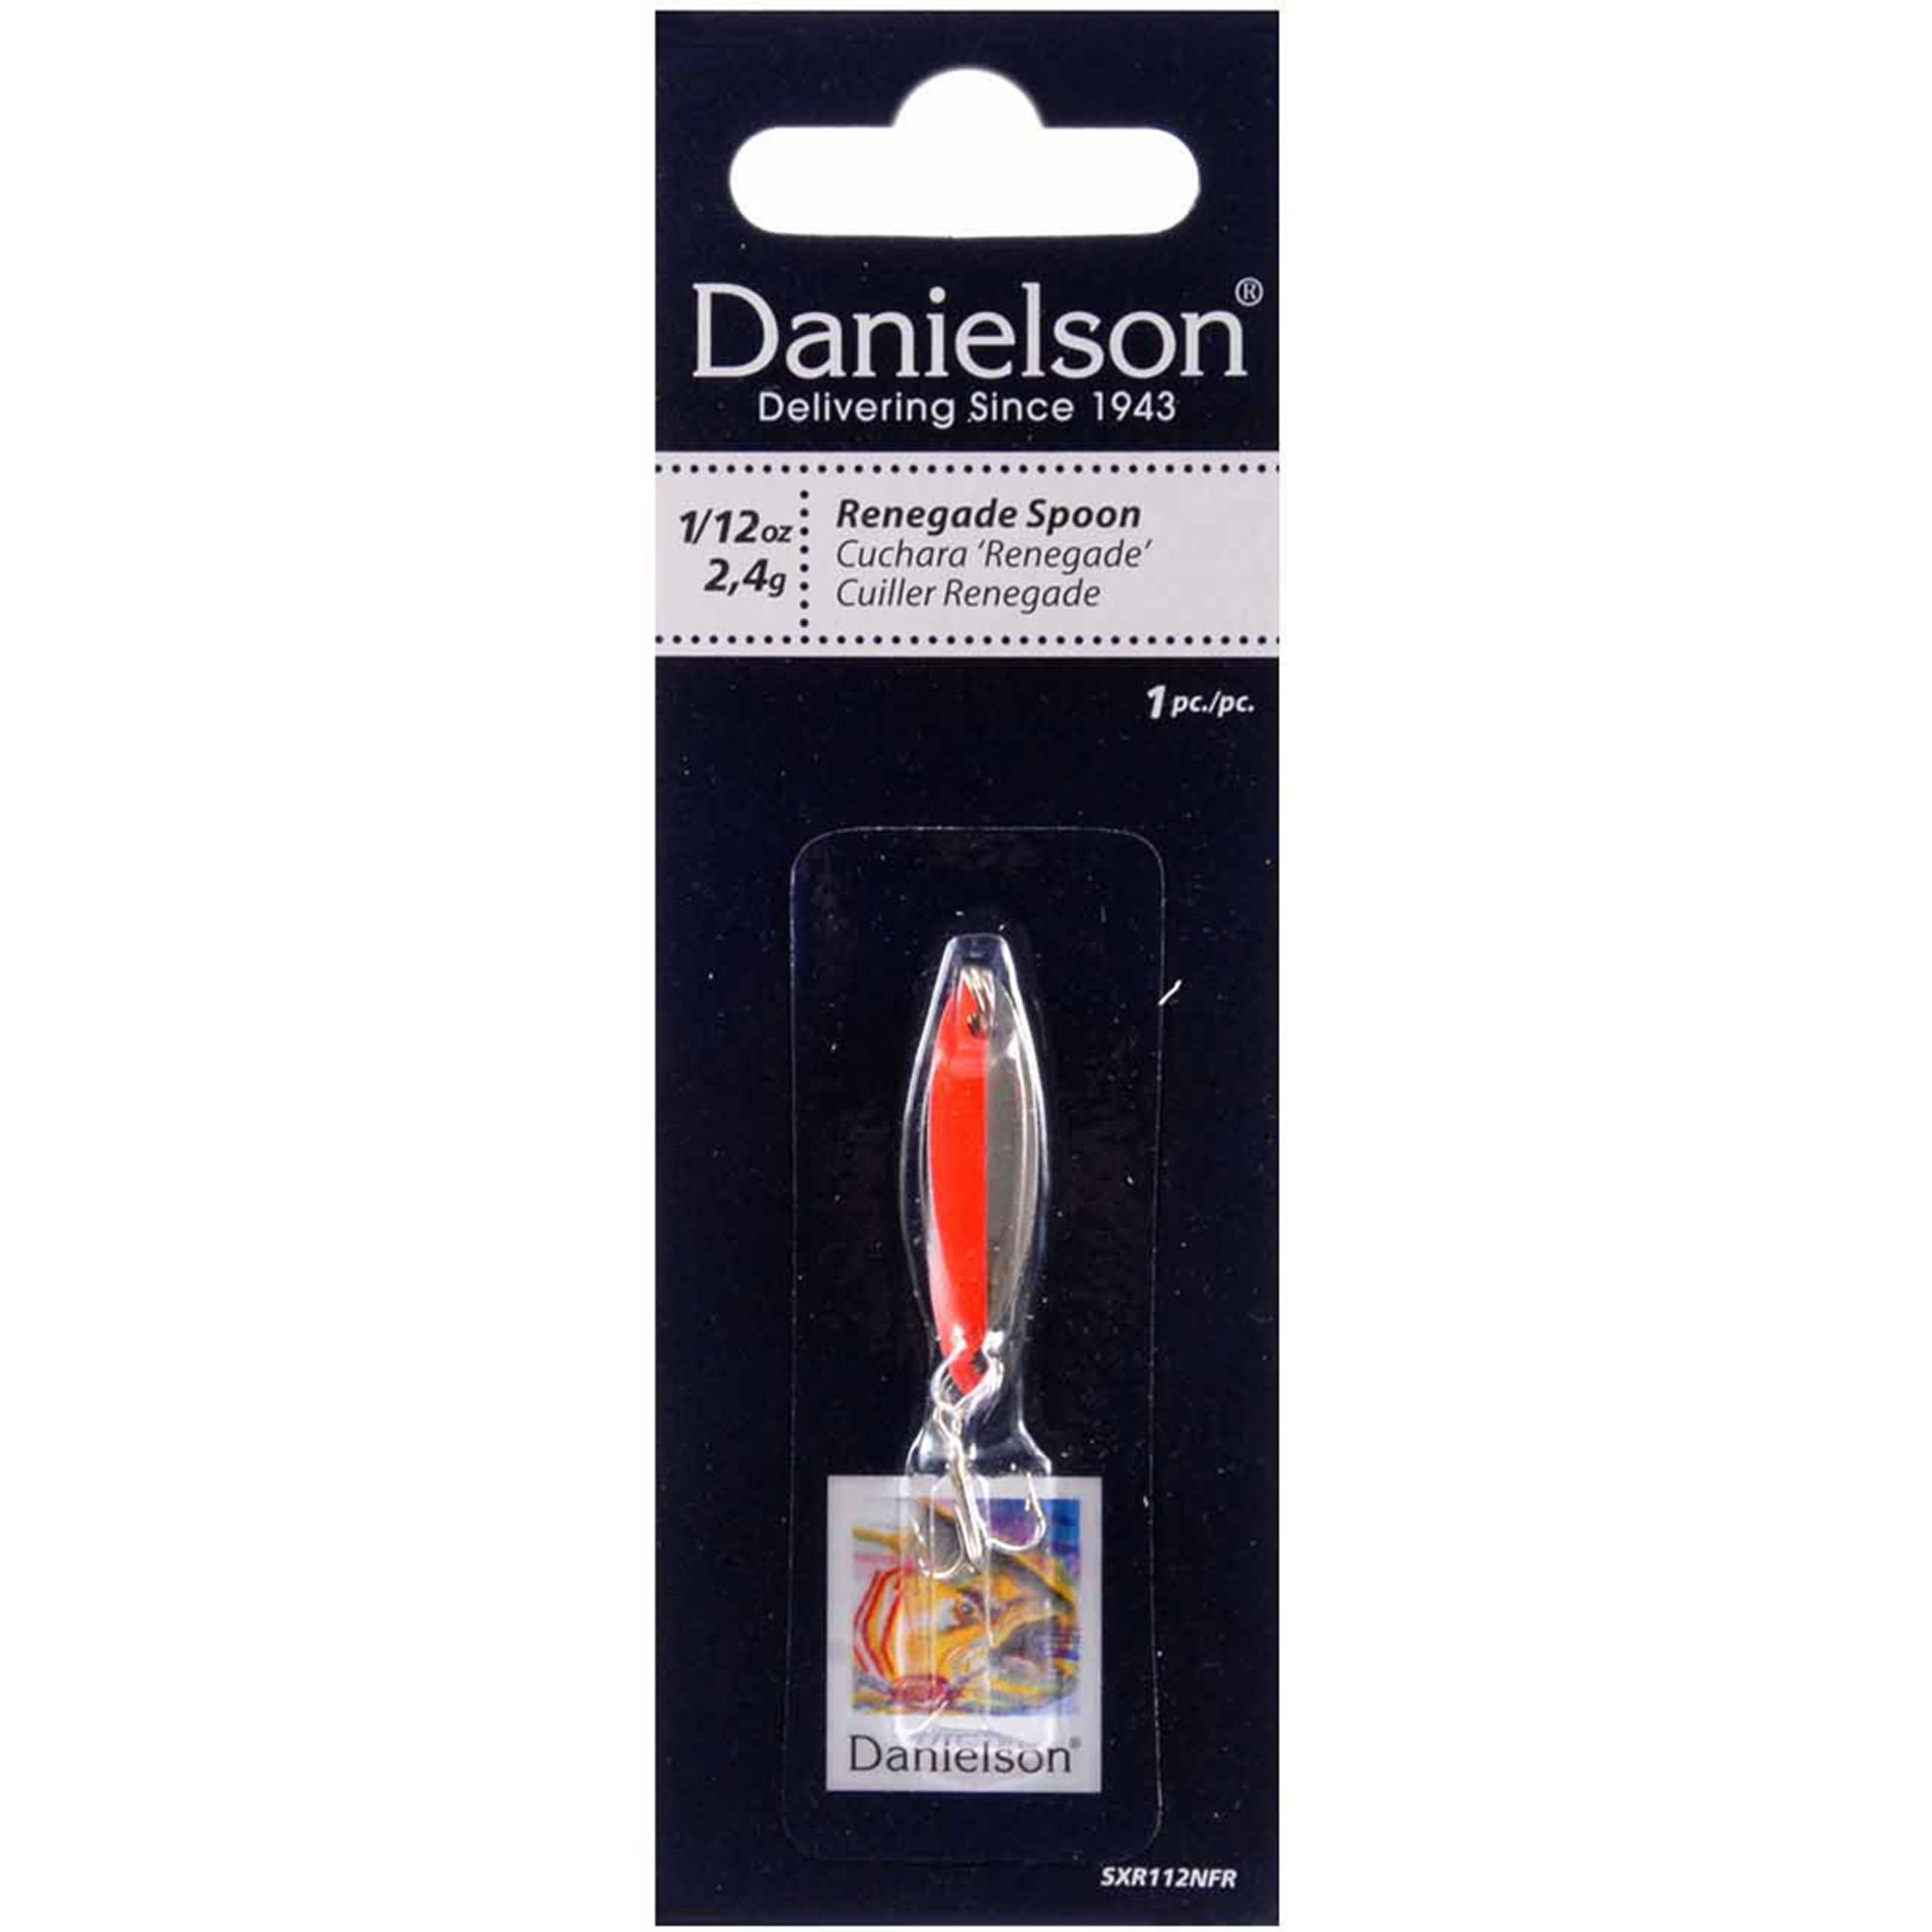 Danielson Renegade Spoon